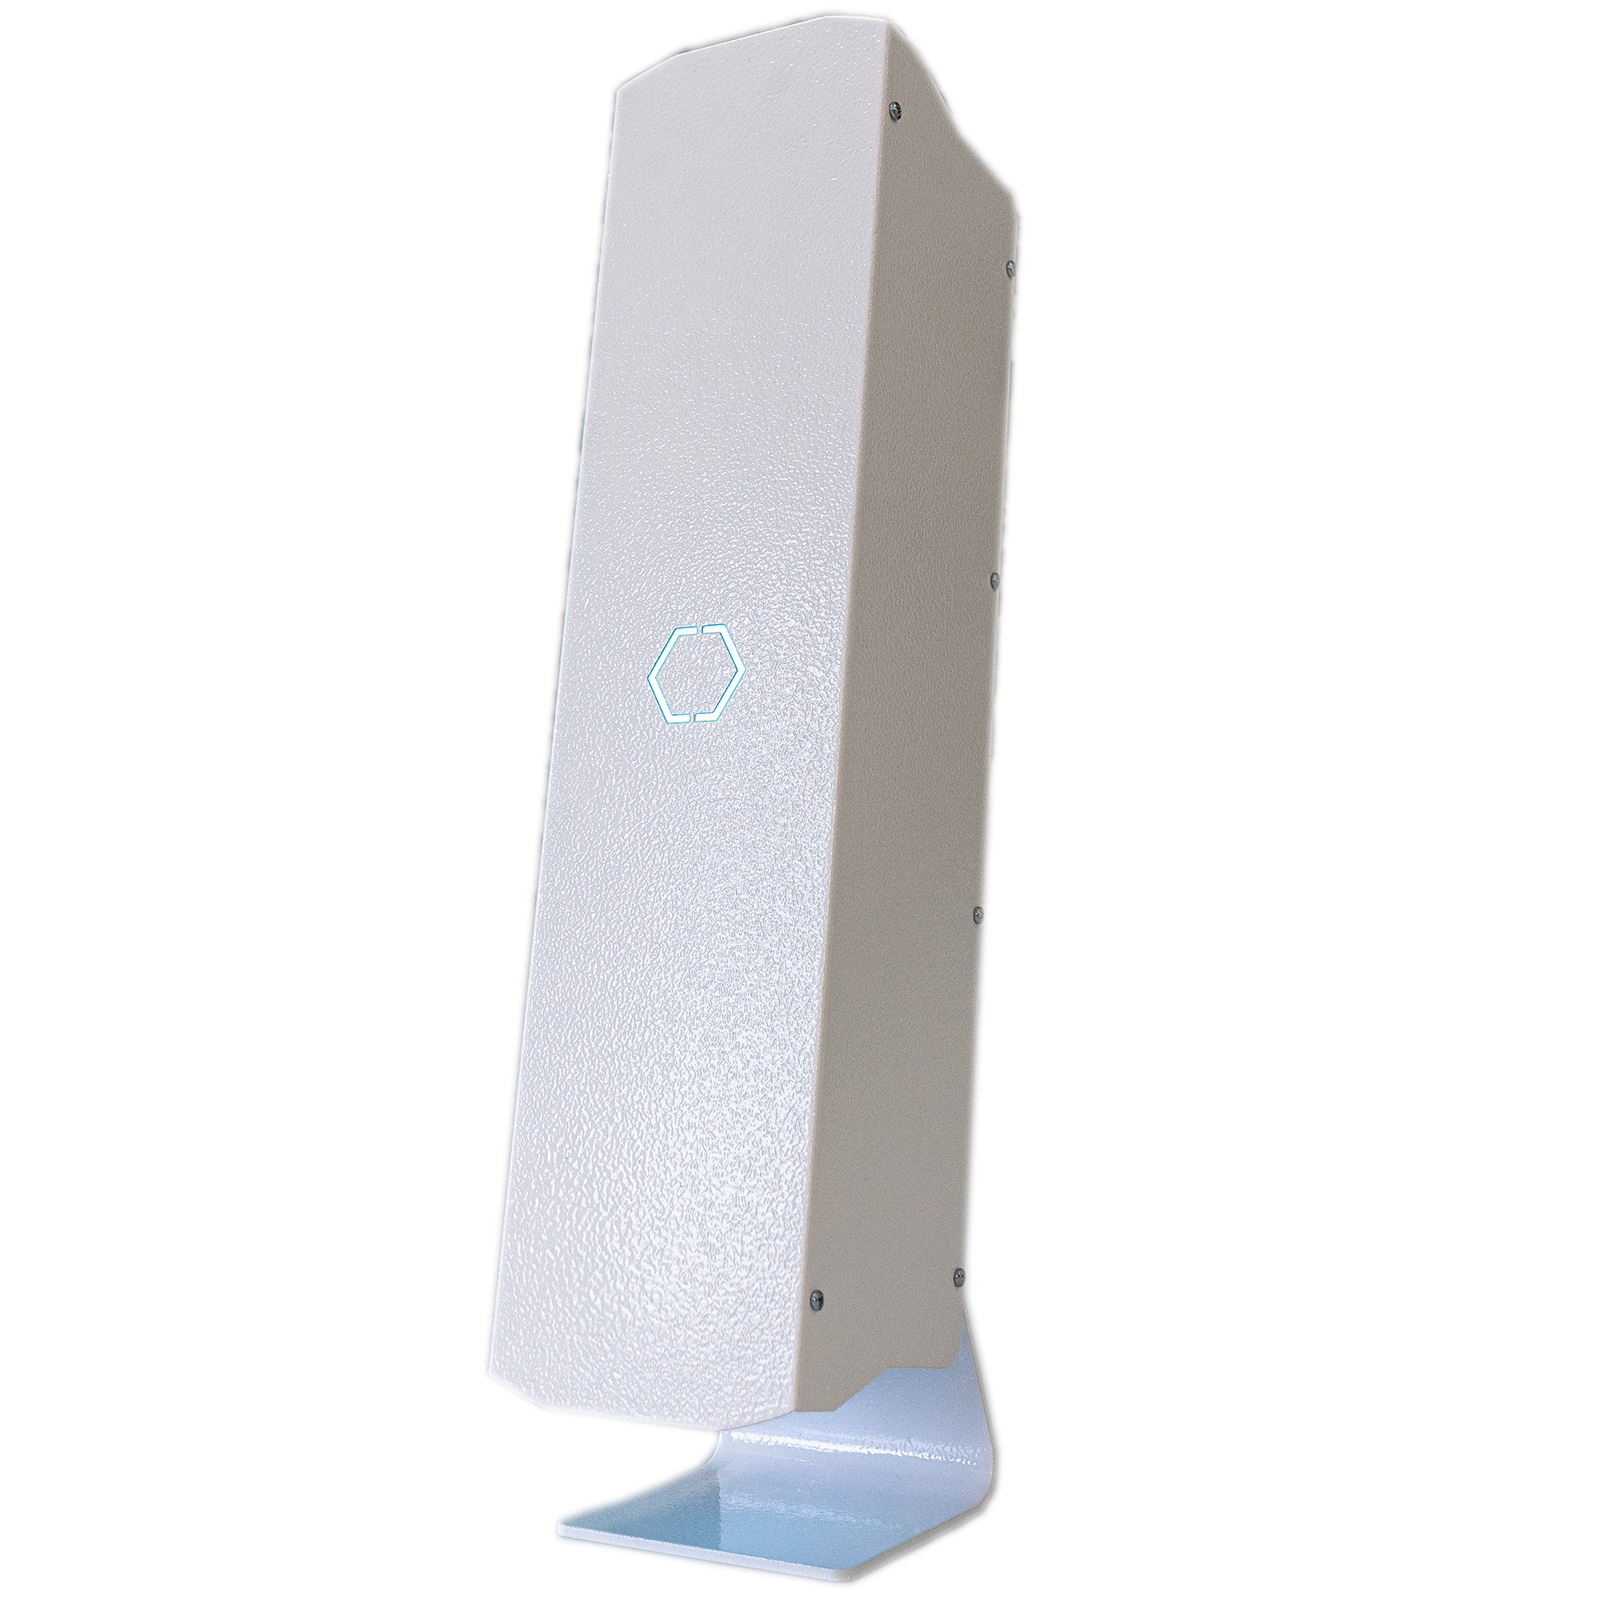 Купить ОВУ-02-1 Солнечный бриз-2 , Рециркулятор воздуха ультрафиолетовый ОВУ-02-1 Солнечный бриз-2, РЭМО